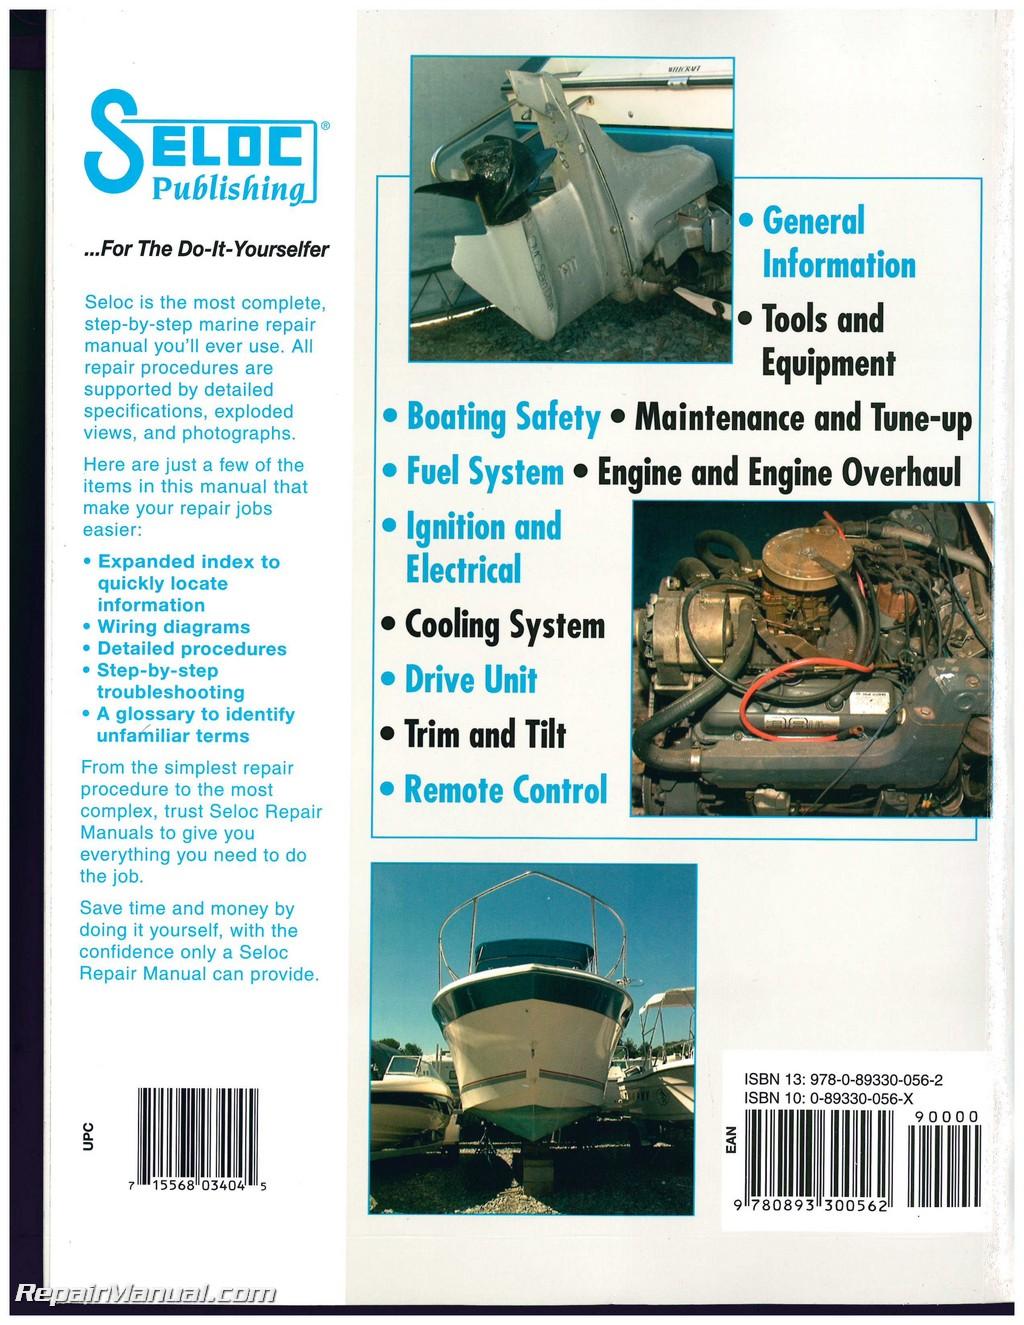 omc cobra stern drive boat engine repair manual 1986 1998 omc cobra sterndrive repair manual omc repair manual download free